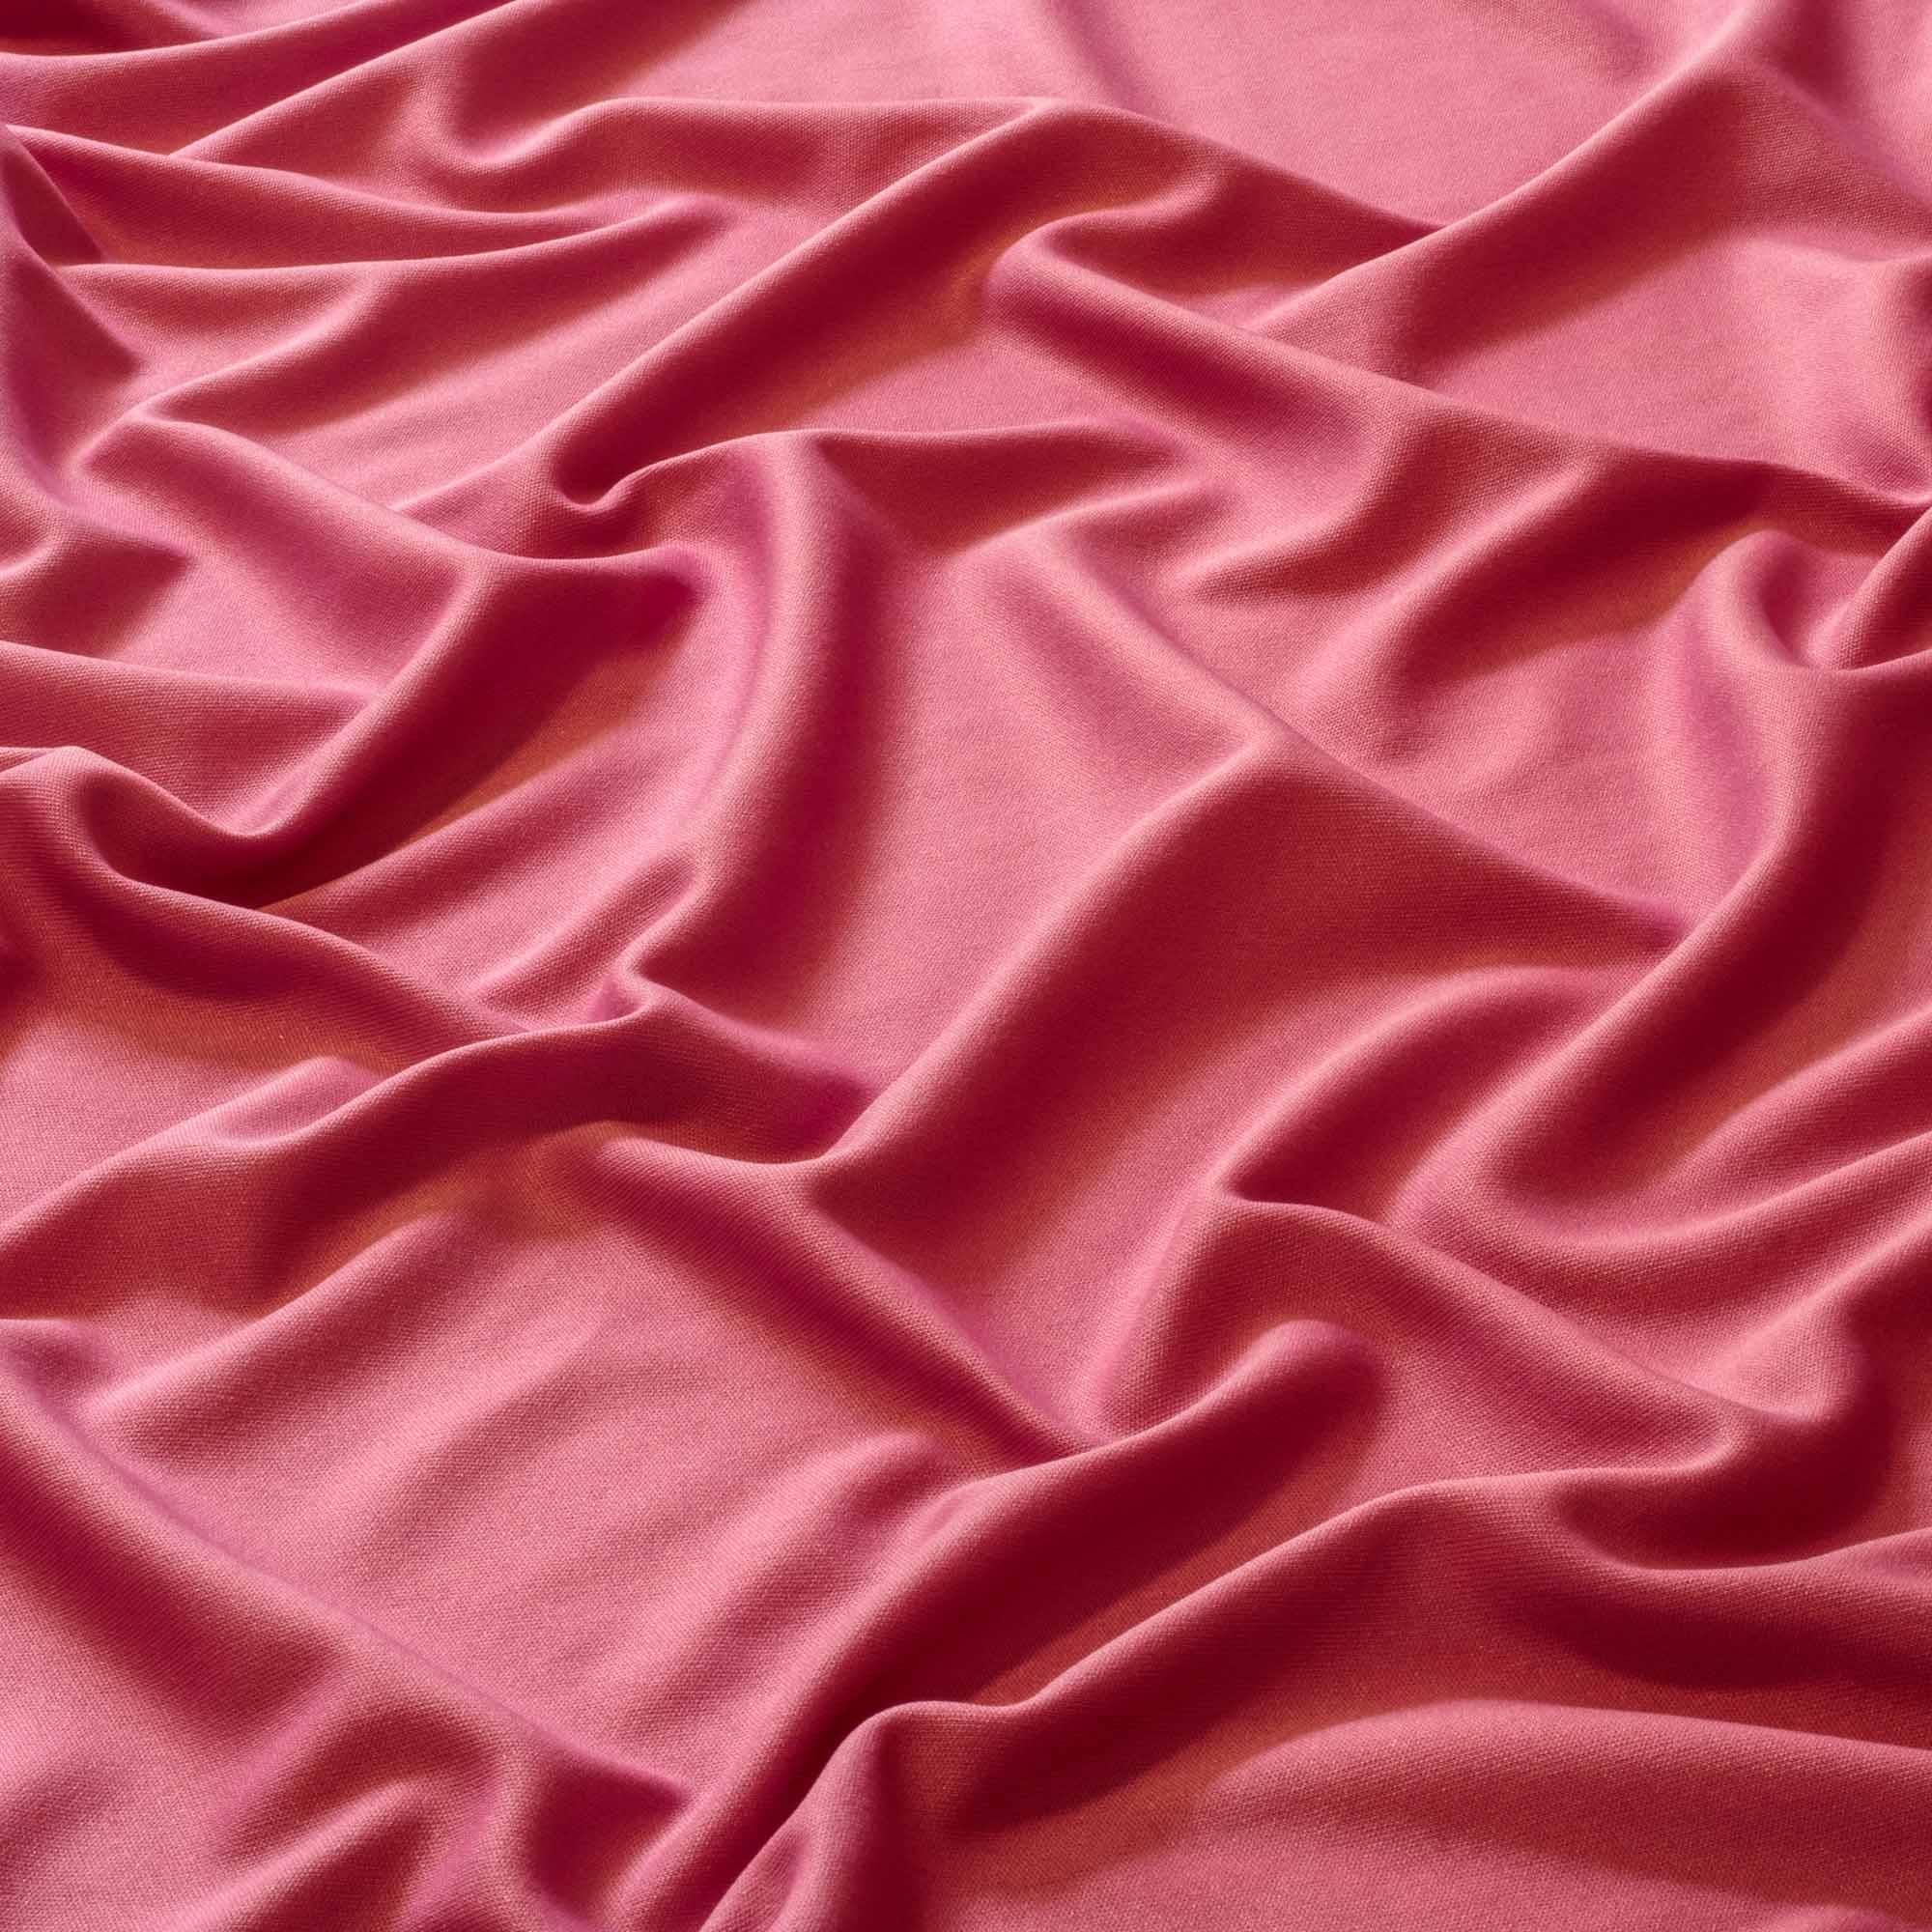 Tecido Malha Helanca Light Rose 100% Poliester 1,80 m Largura